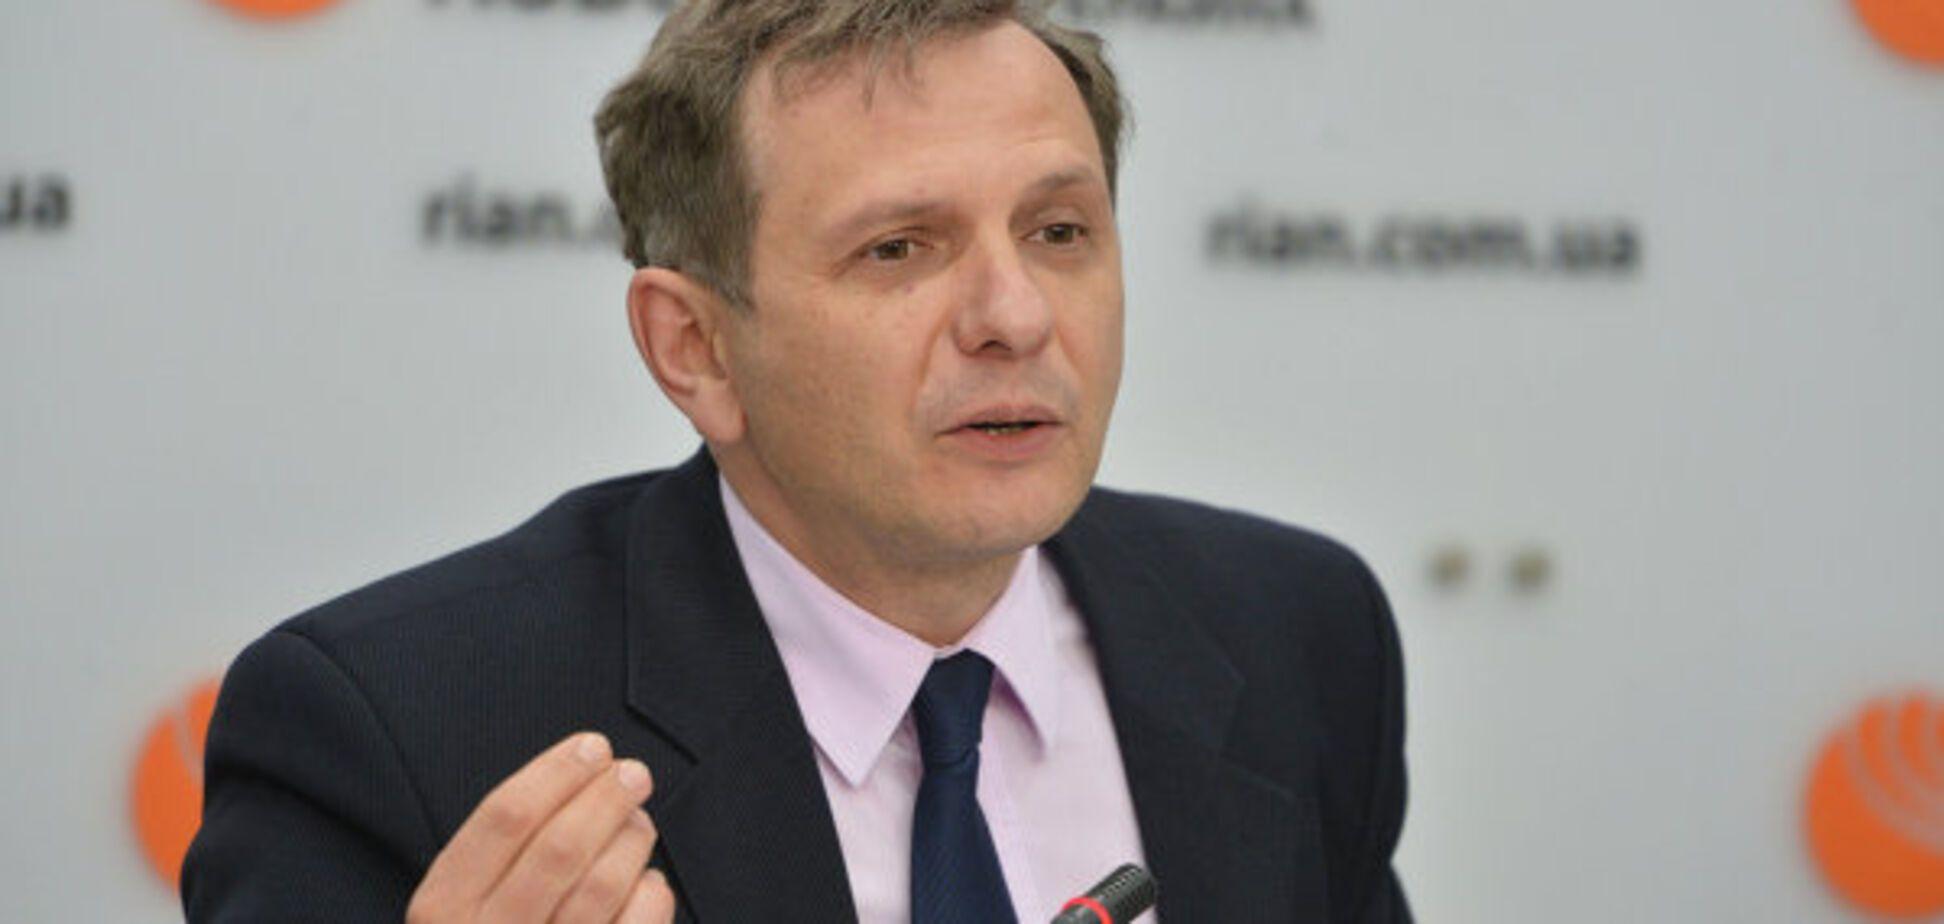 Ціни на паливо в Україні: озвучено прогноз на 2018 рік